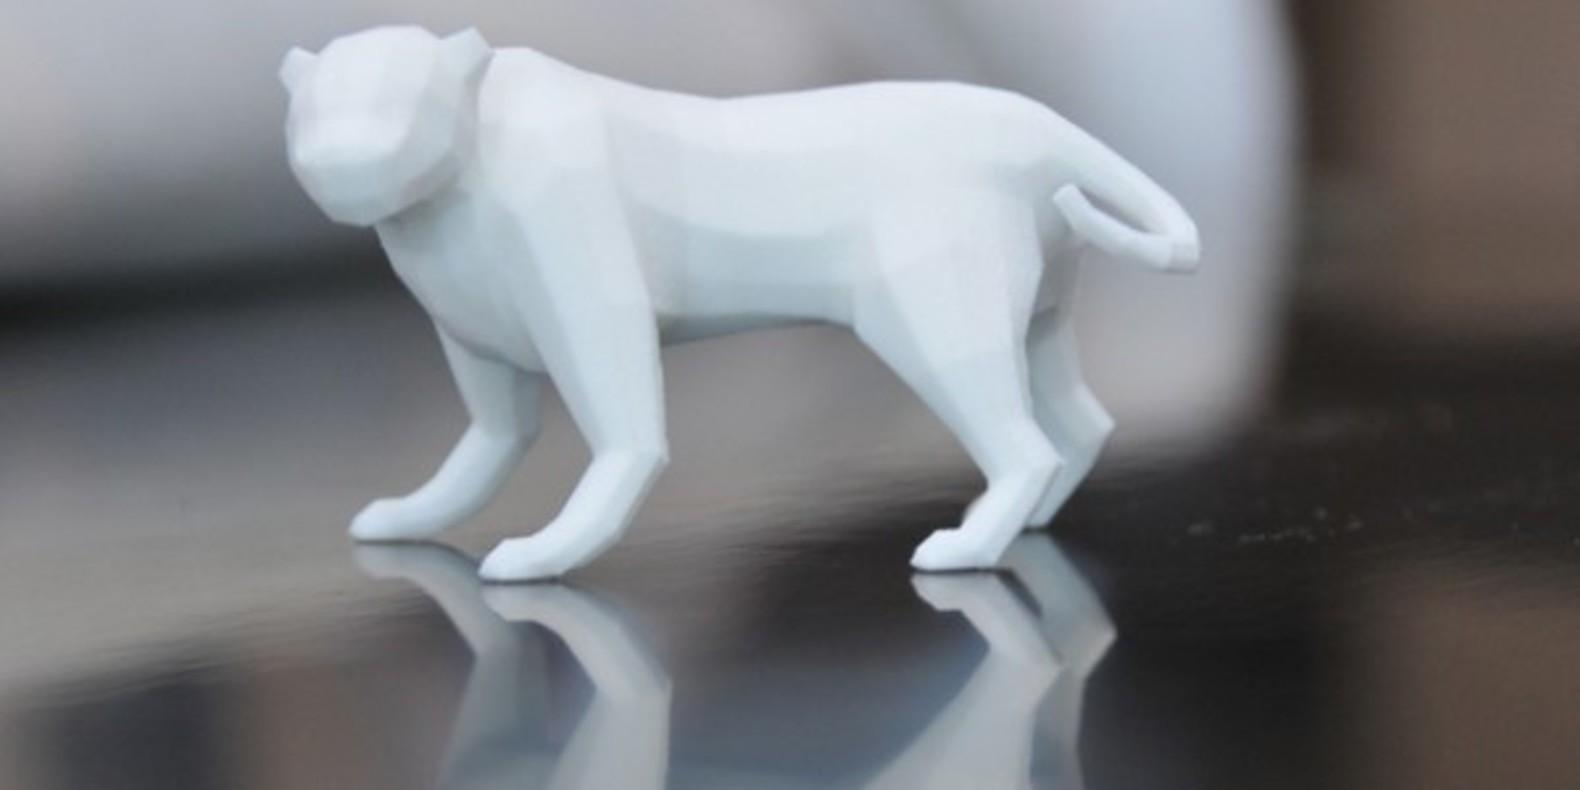 9.Panther-Pigart animaux imprimés en 3D Cults fichier 3D 3D model 3D printing